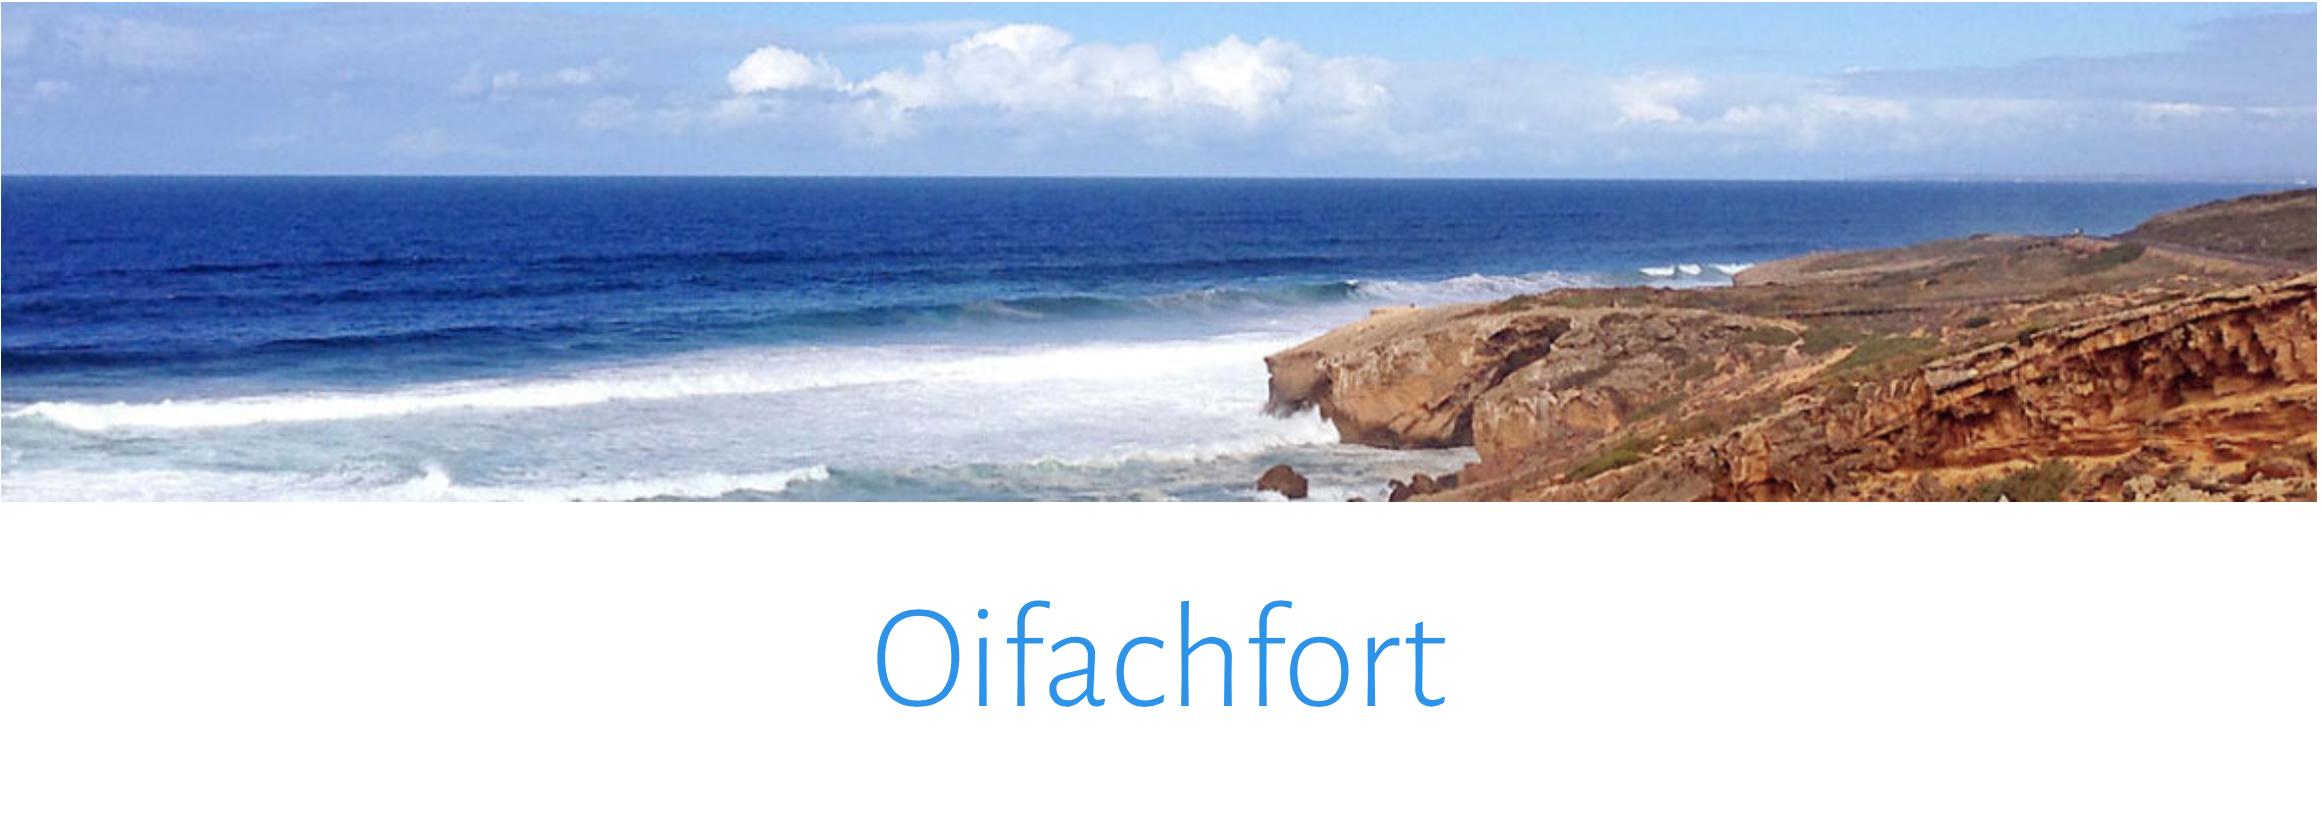 Oifachfort